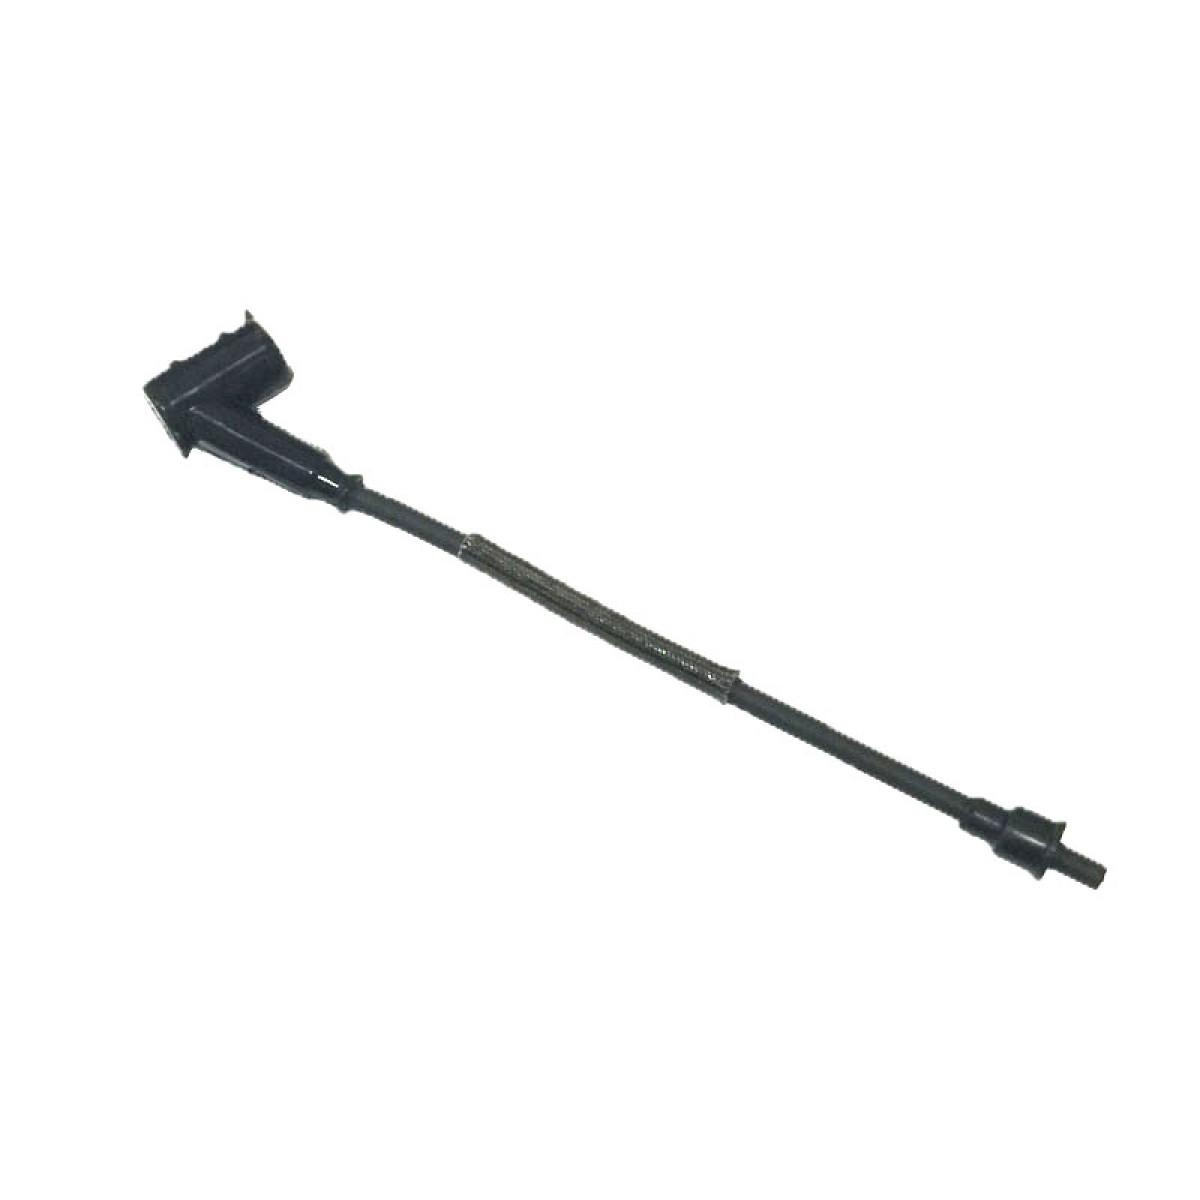 Kompletní kabeláž zapalování Stihl MS360 MS260 MS440 MS660 (1128 405 1000, 0000 405 0600)